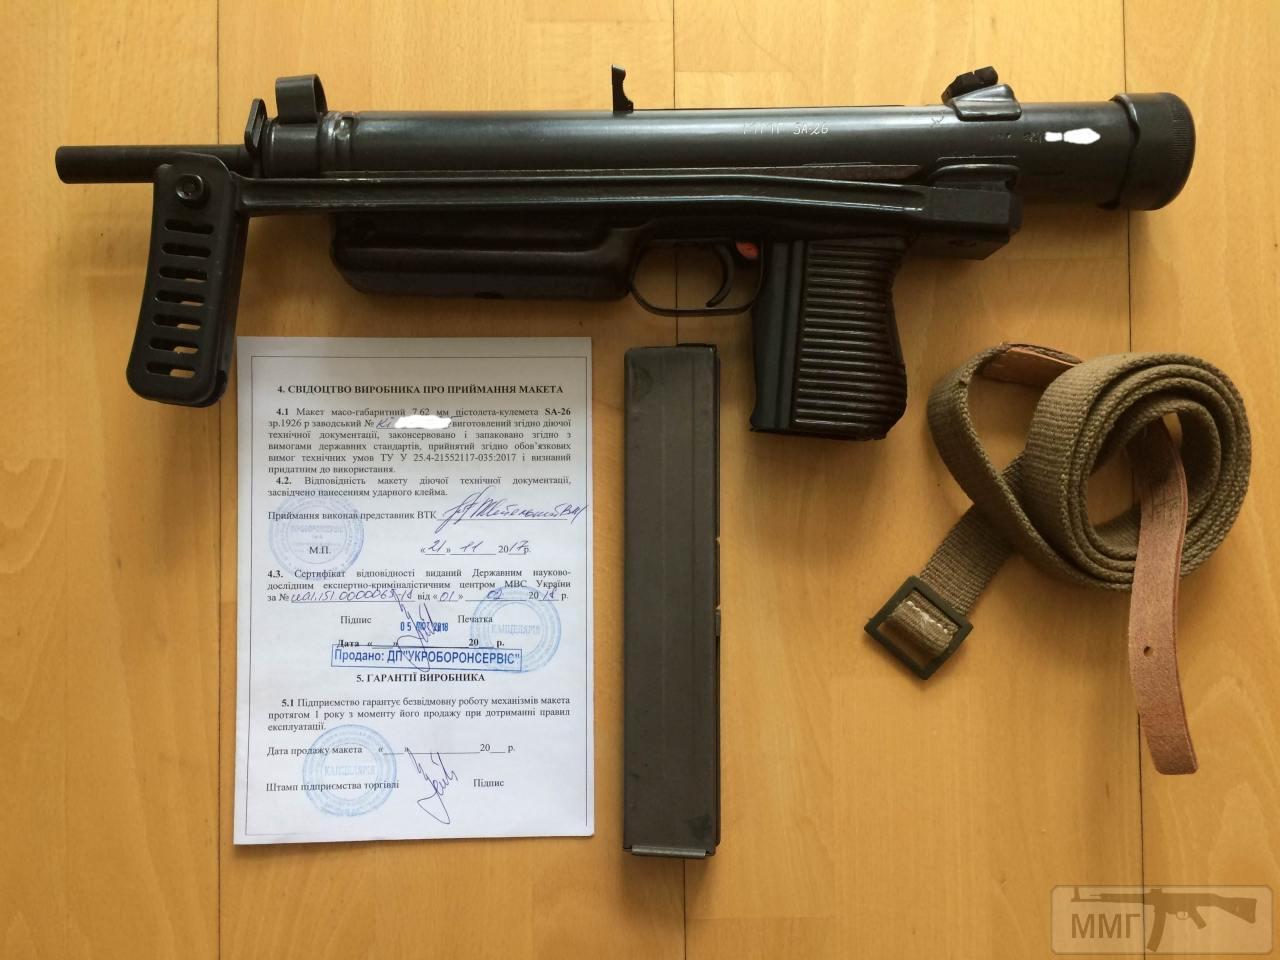 23422 - ММГ пистолет-пулемёт SA-26